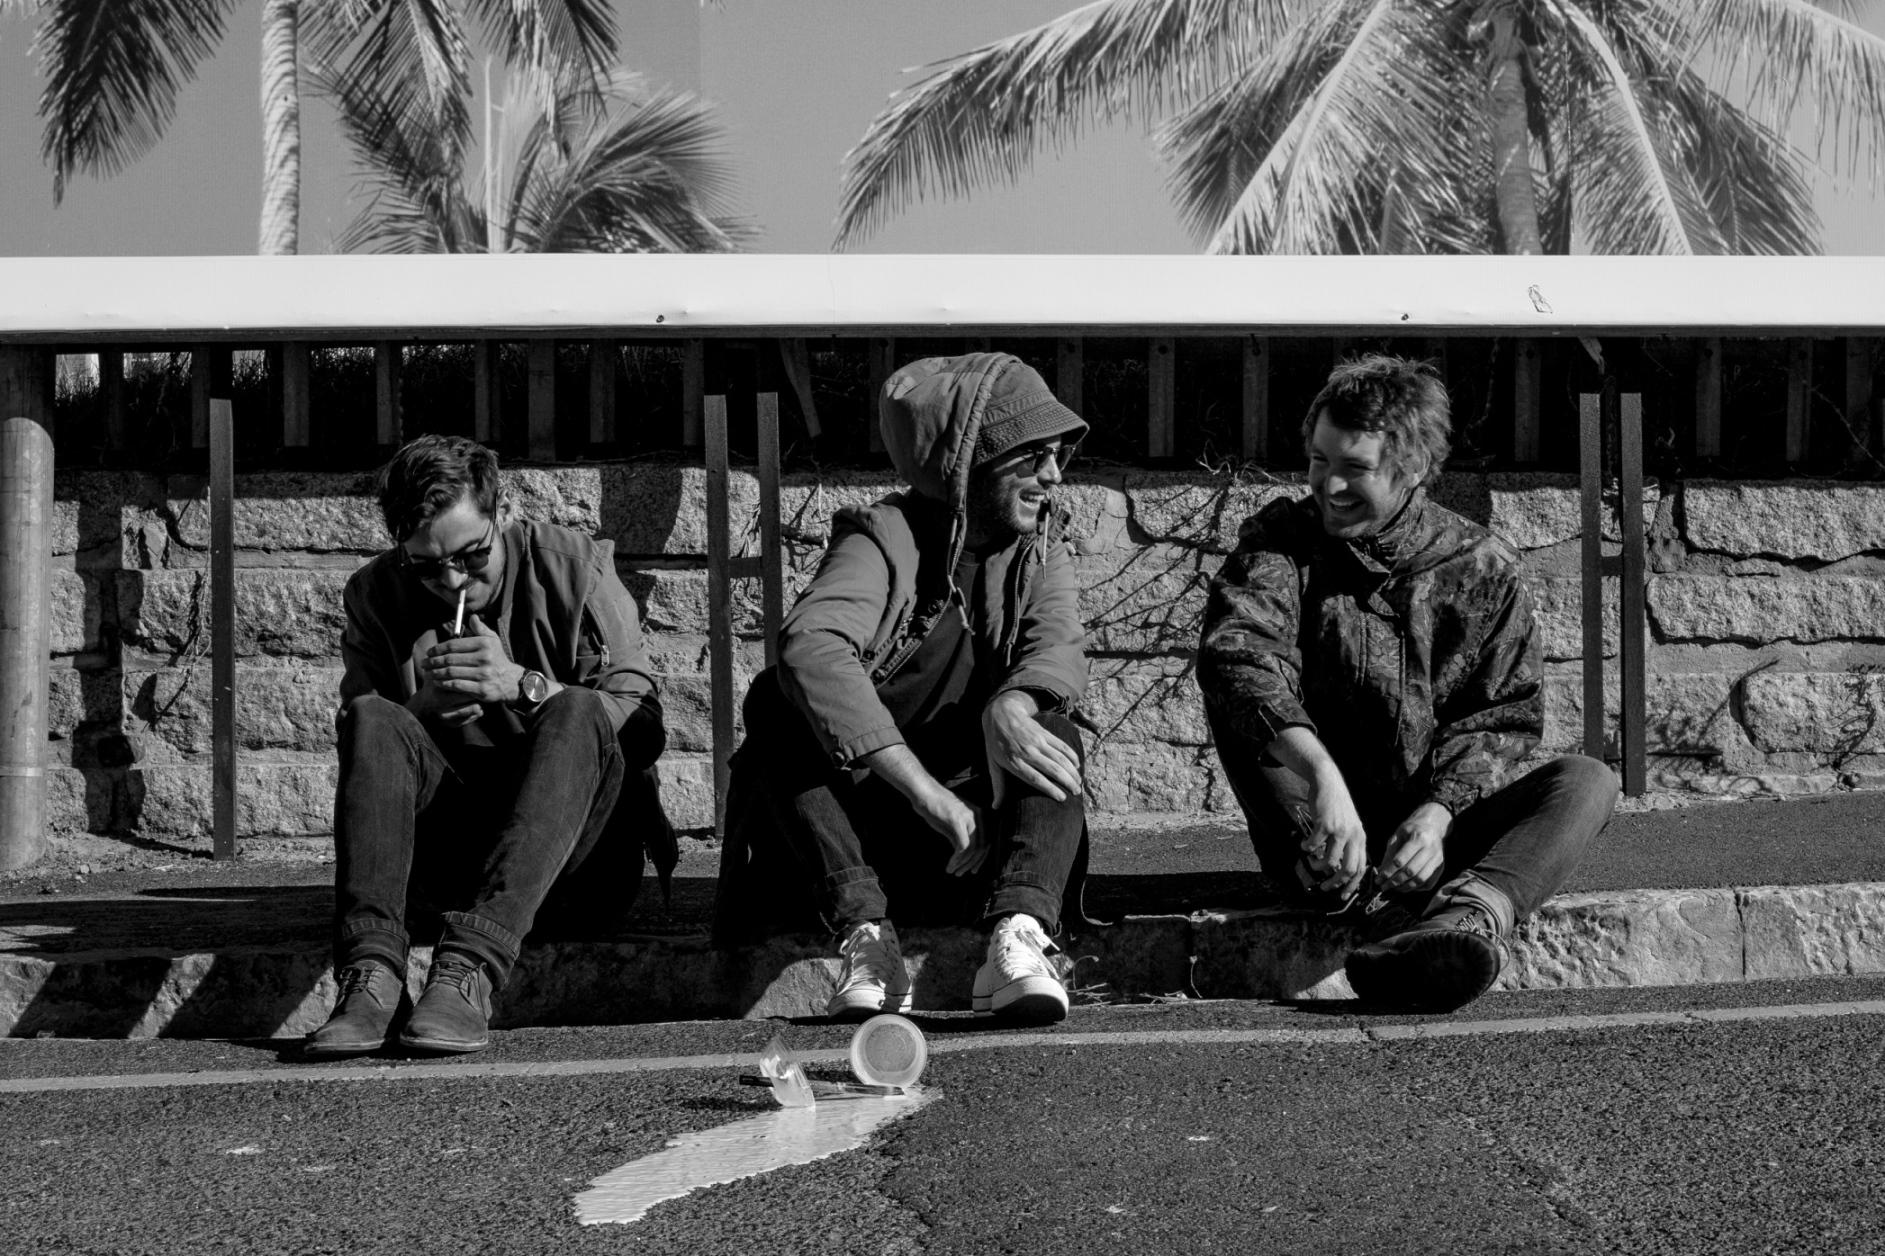 ALBUM REVIEW: Thieve – Extra Ordinary